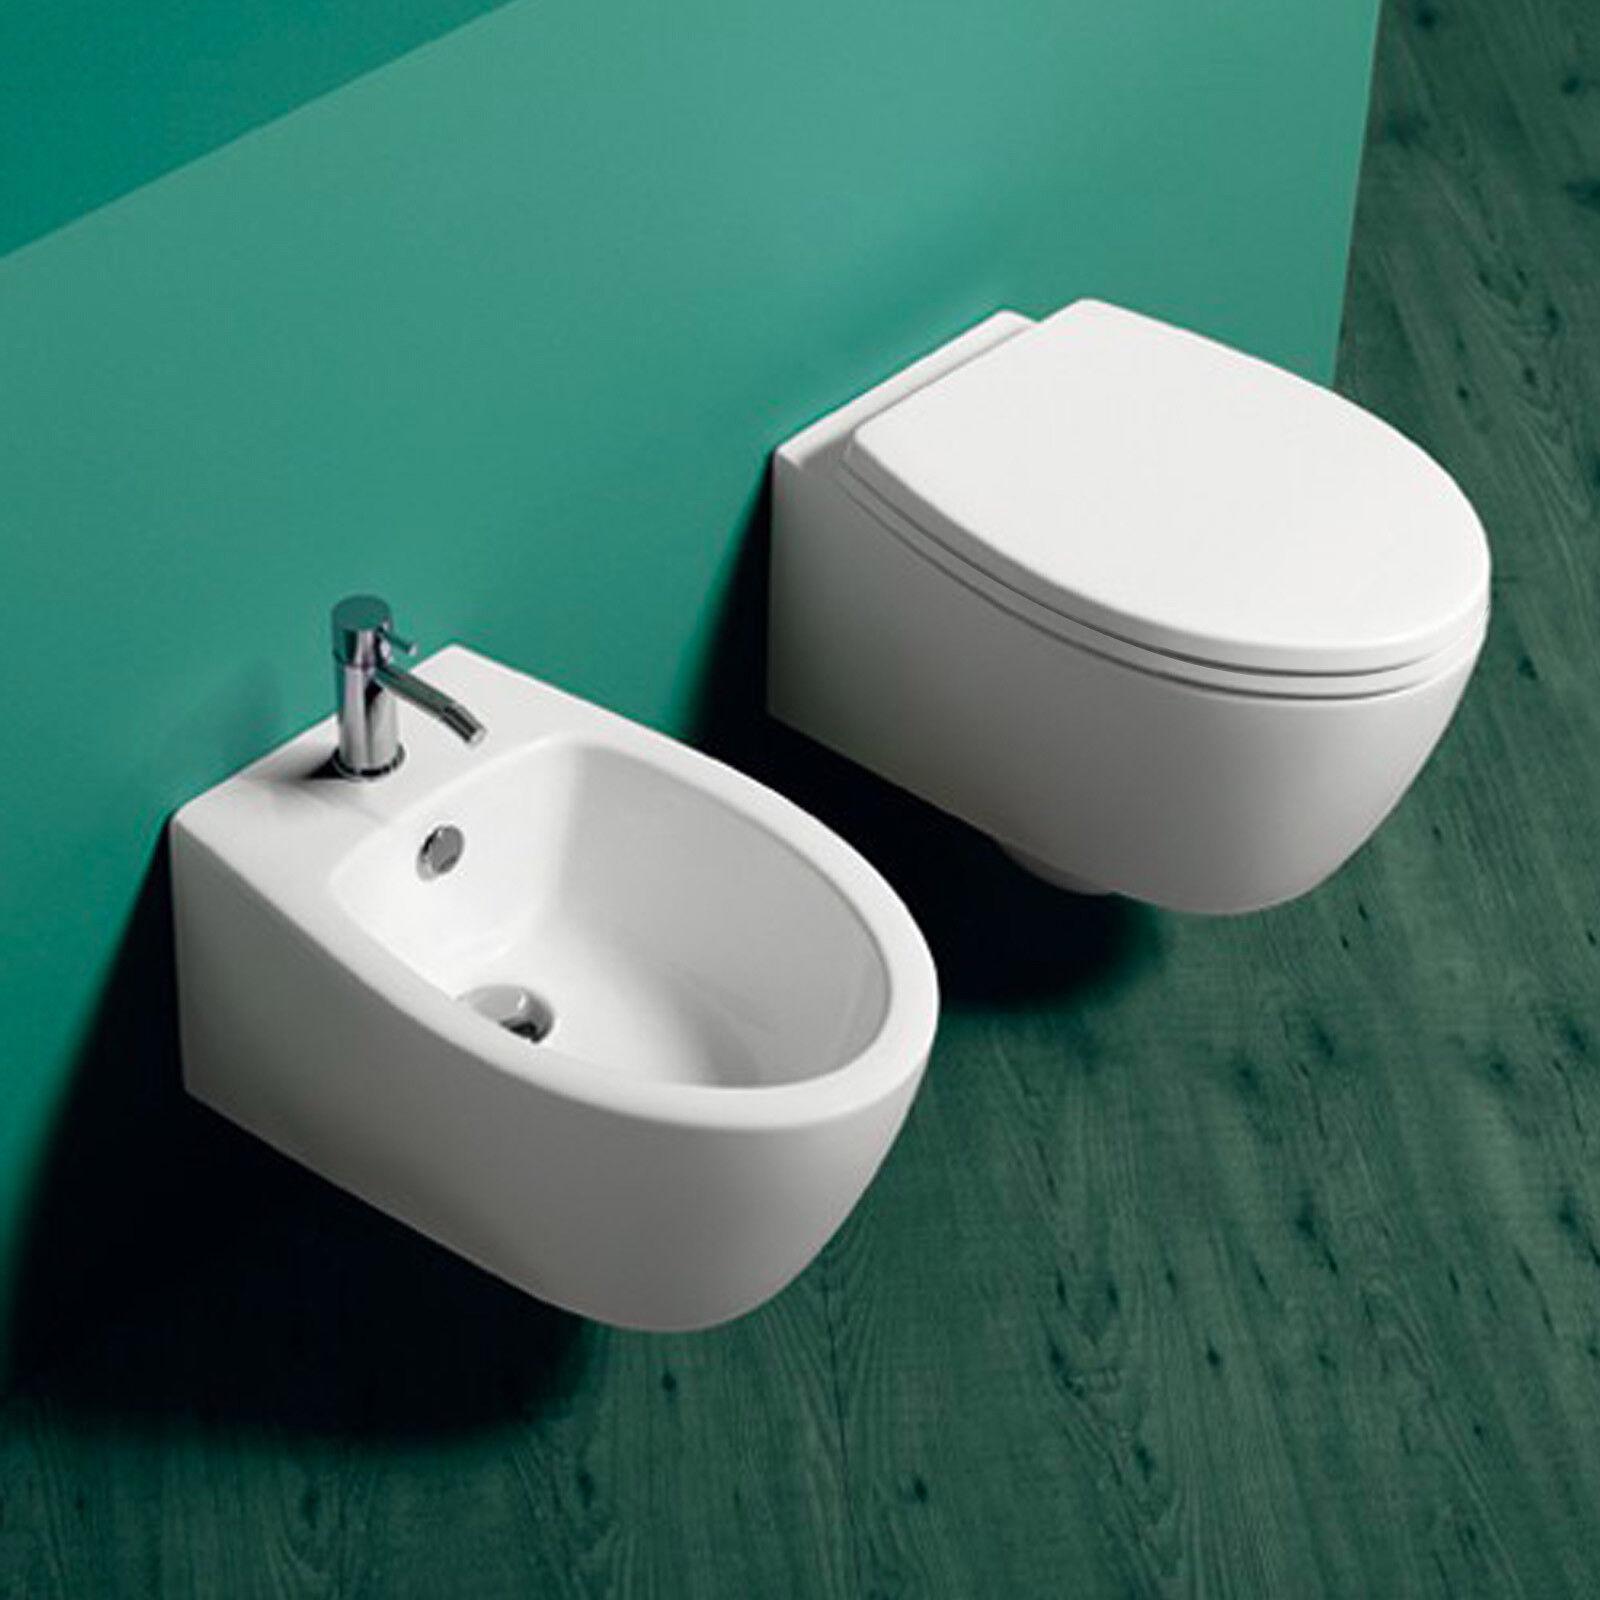 Sanitari sospesi bagno bagno bagno design arrossoo wc bidet sedile tavoletta softclose offerta e7e2ae